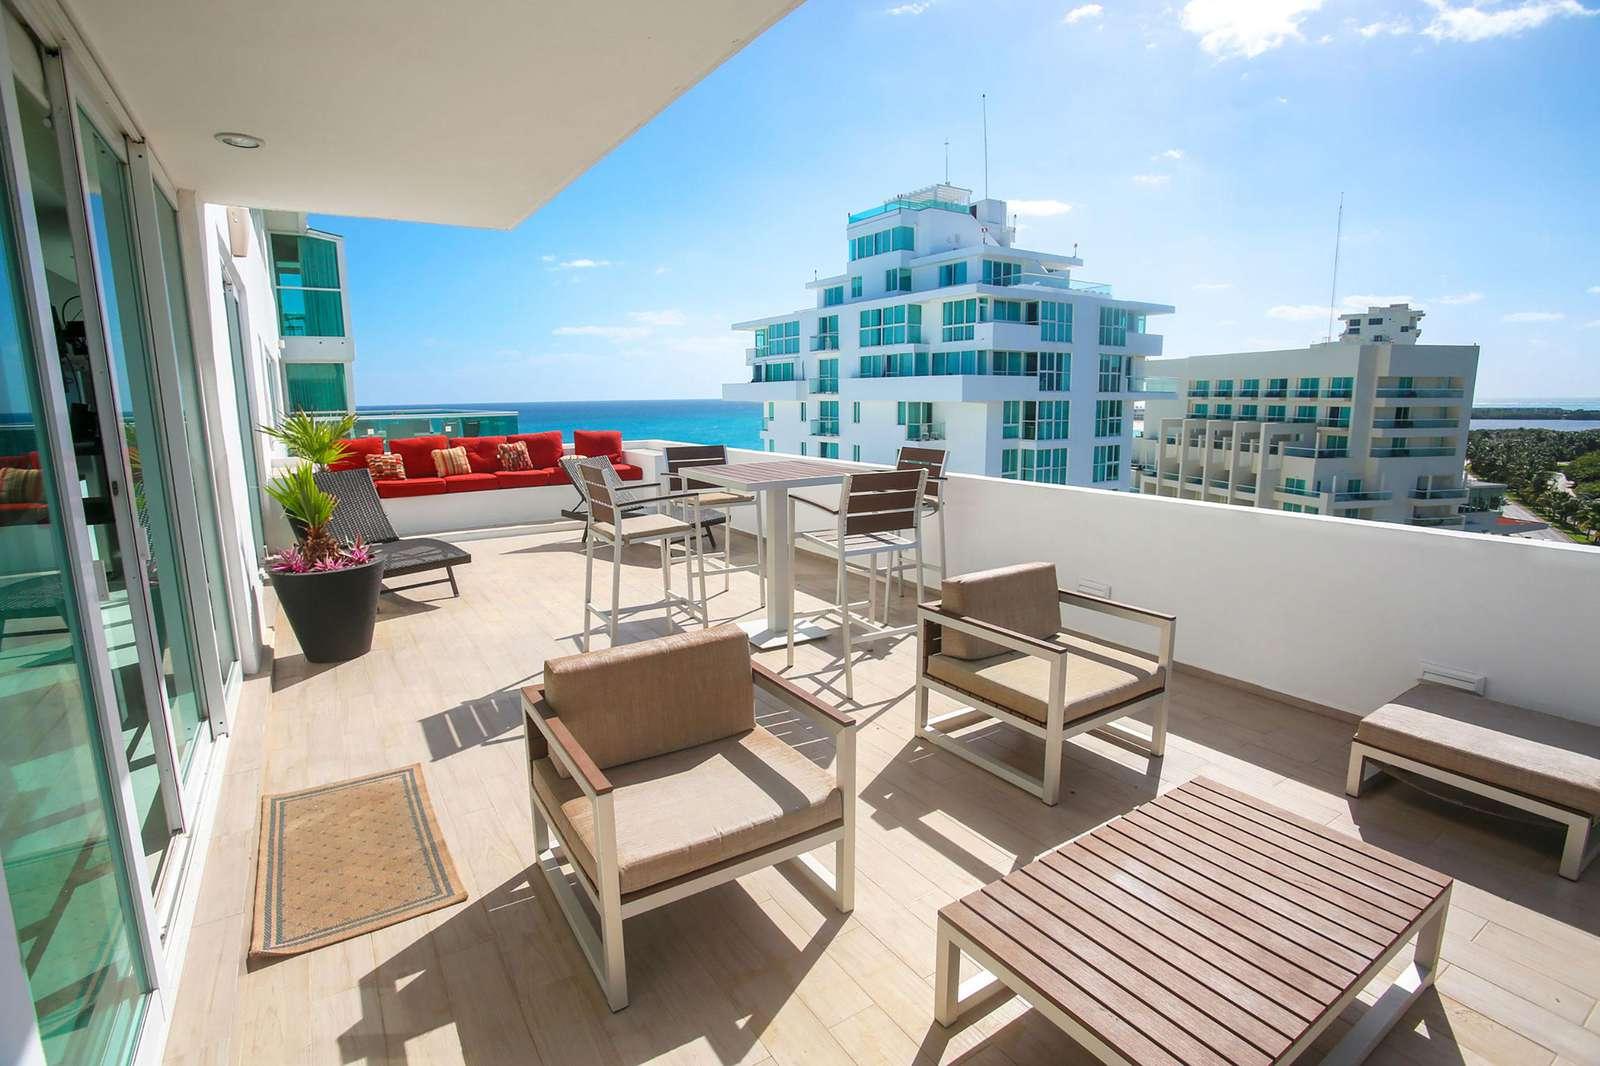 First floor balcony facing ocean - property